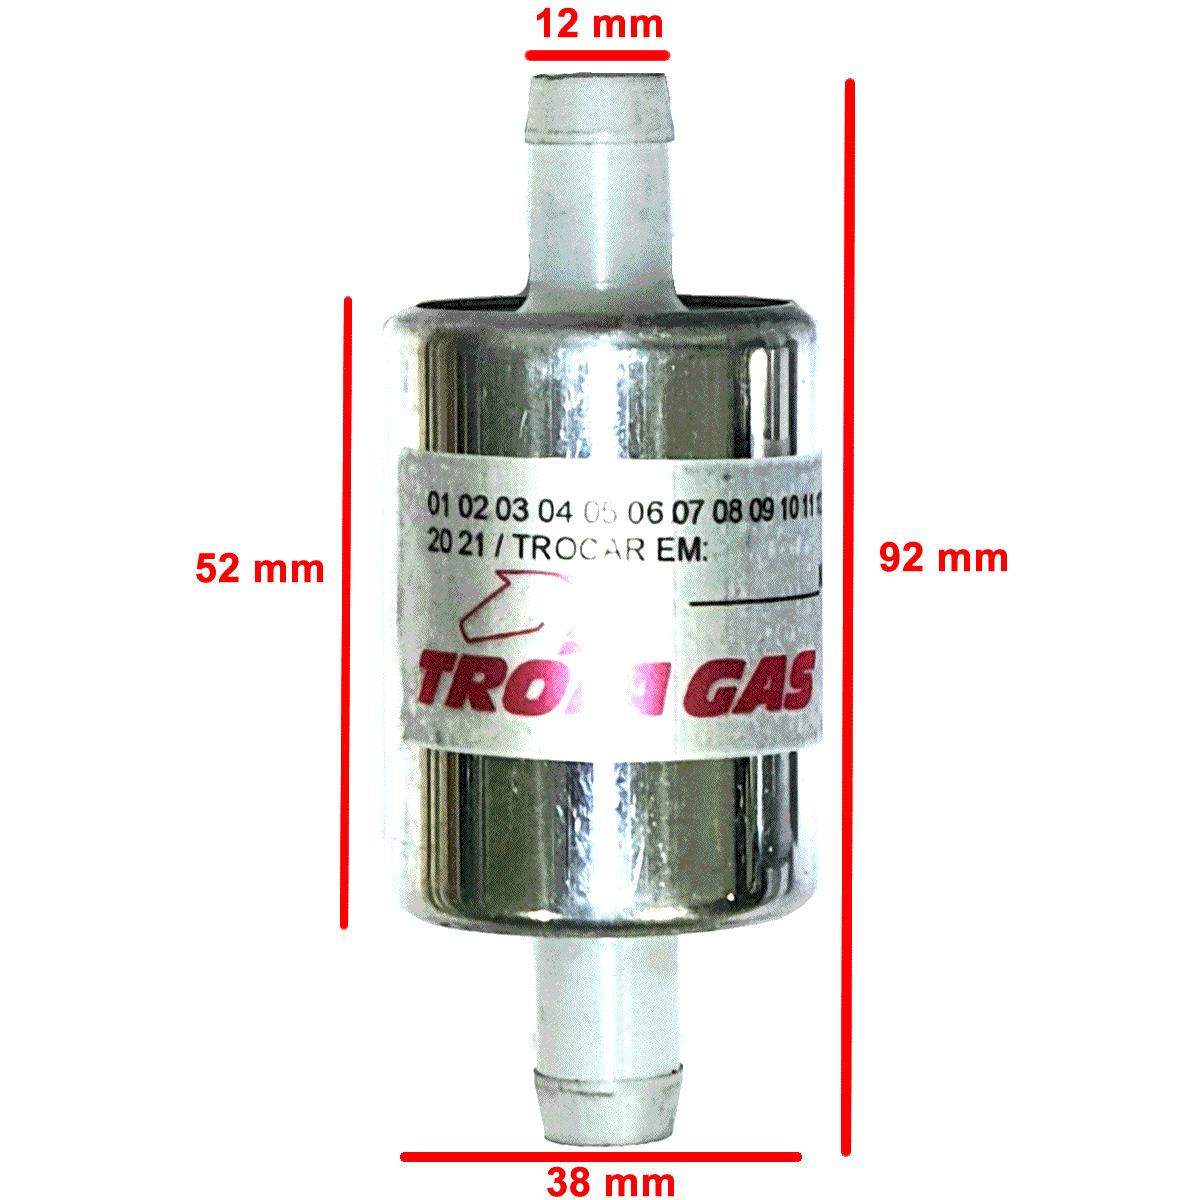 24 Filtros TROIAGAS 5ª e 6ª geração GNV protege bicos maioria dos kits